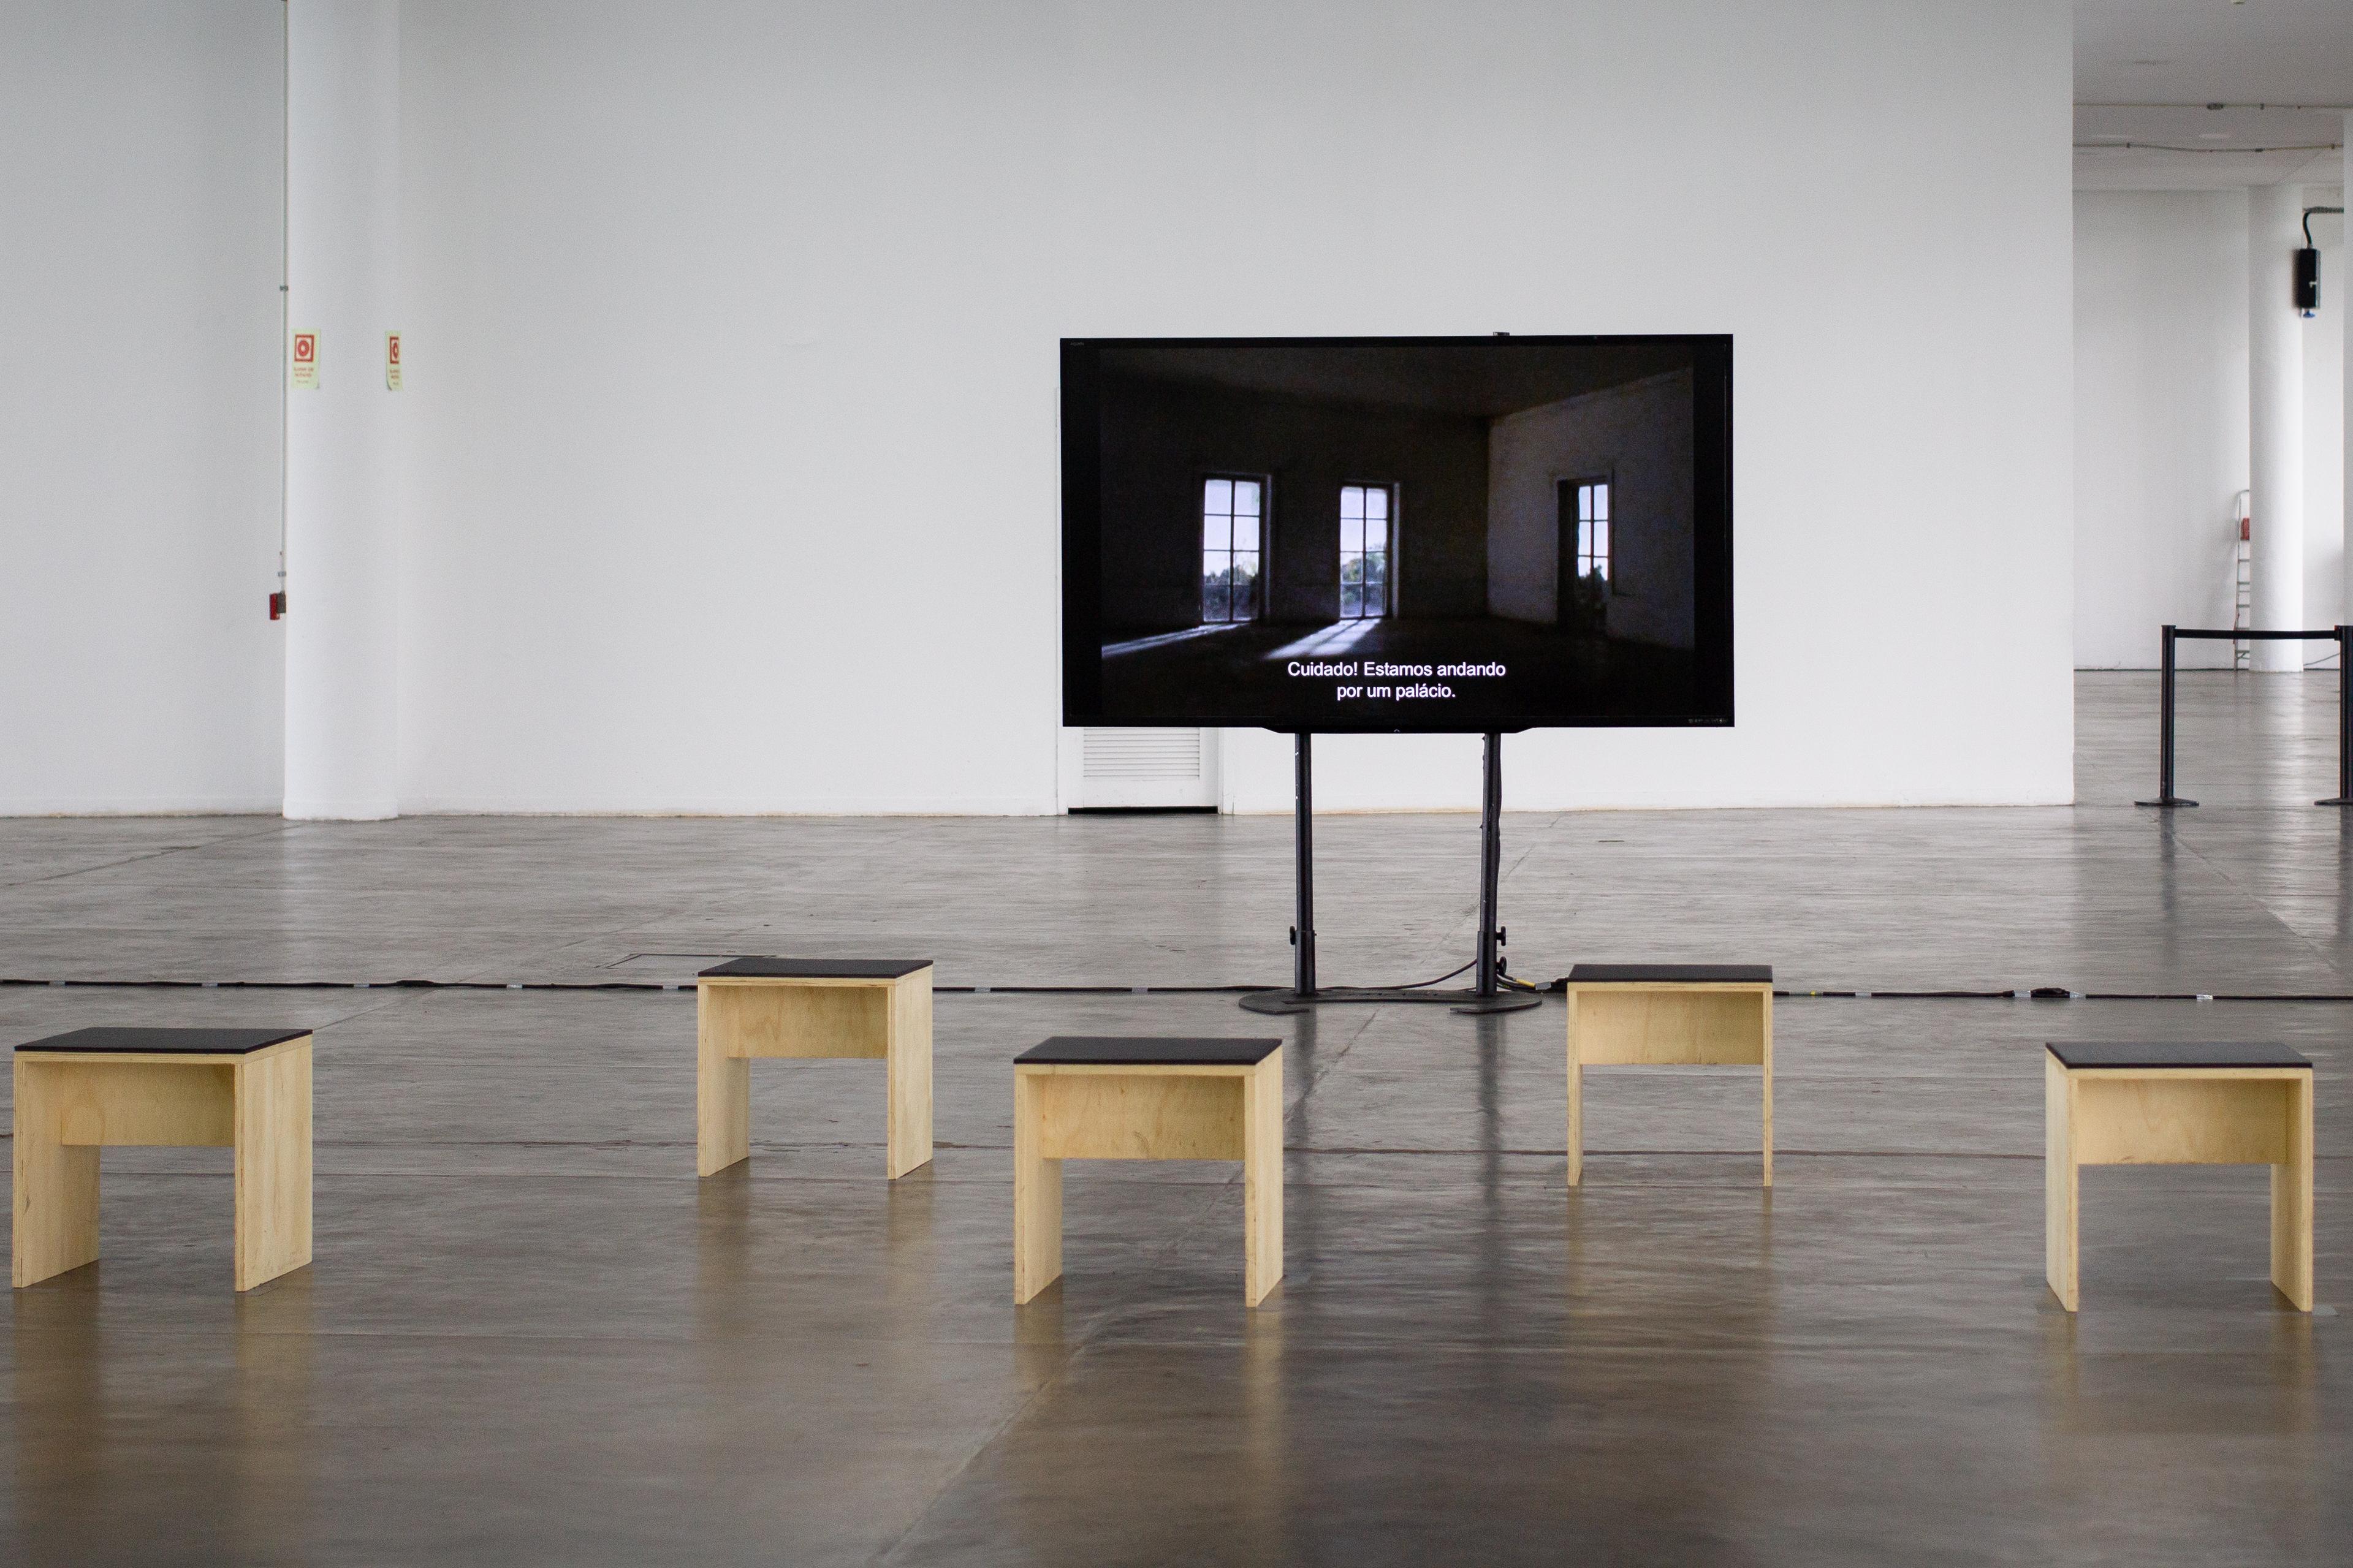 Vista da obra <i>No Show</i>, de Melvin Motti na exposição <i>Vento</i>, parte da 34ª Bienal de São Paulo. Foto: Giovanna Querido / Fundação Bienal de São Paulo